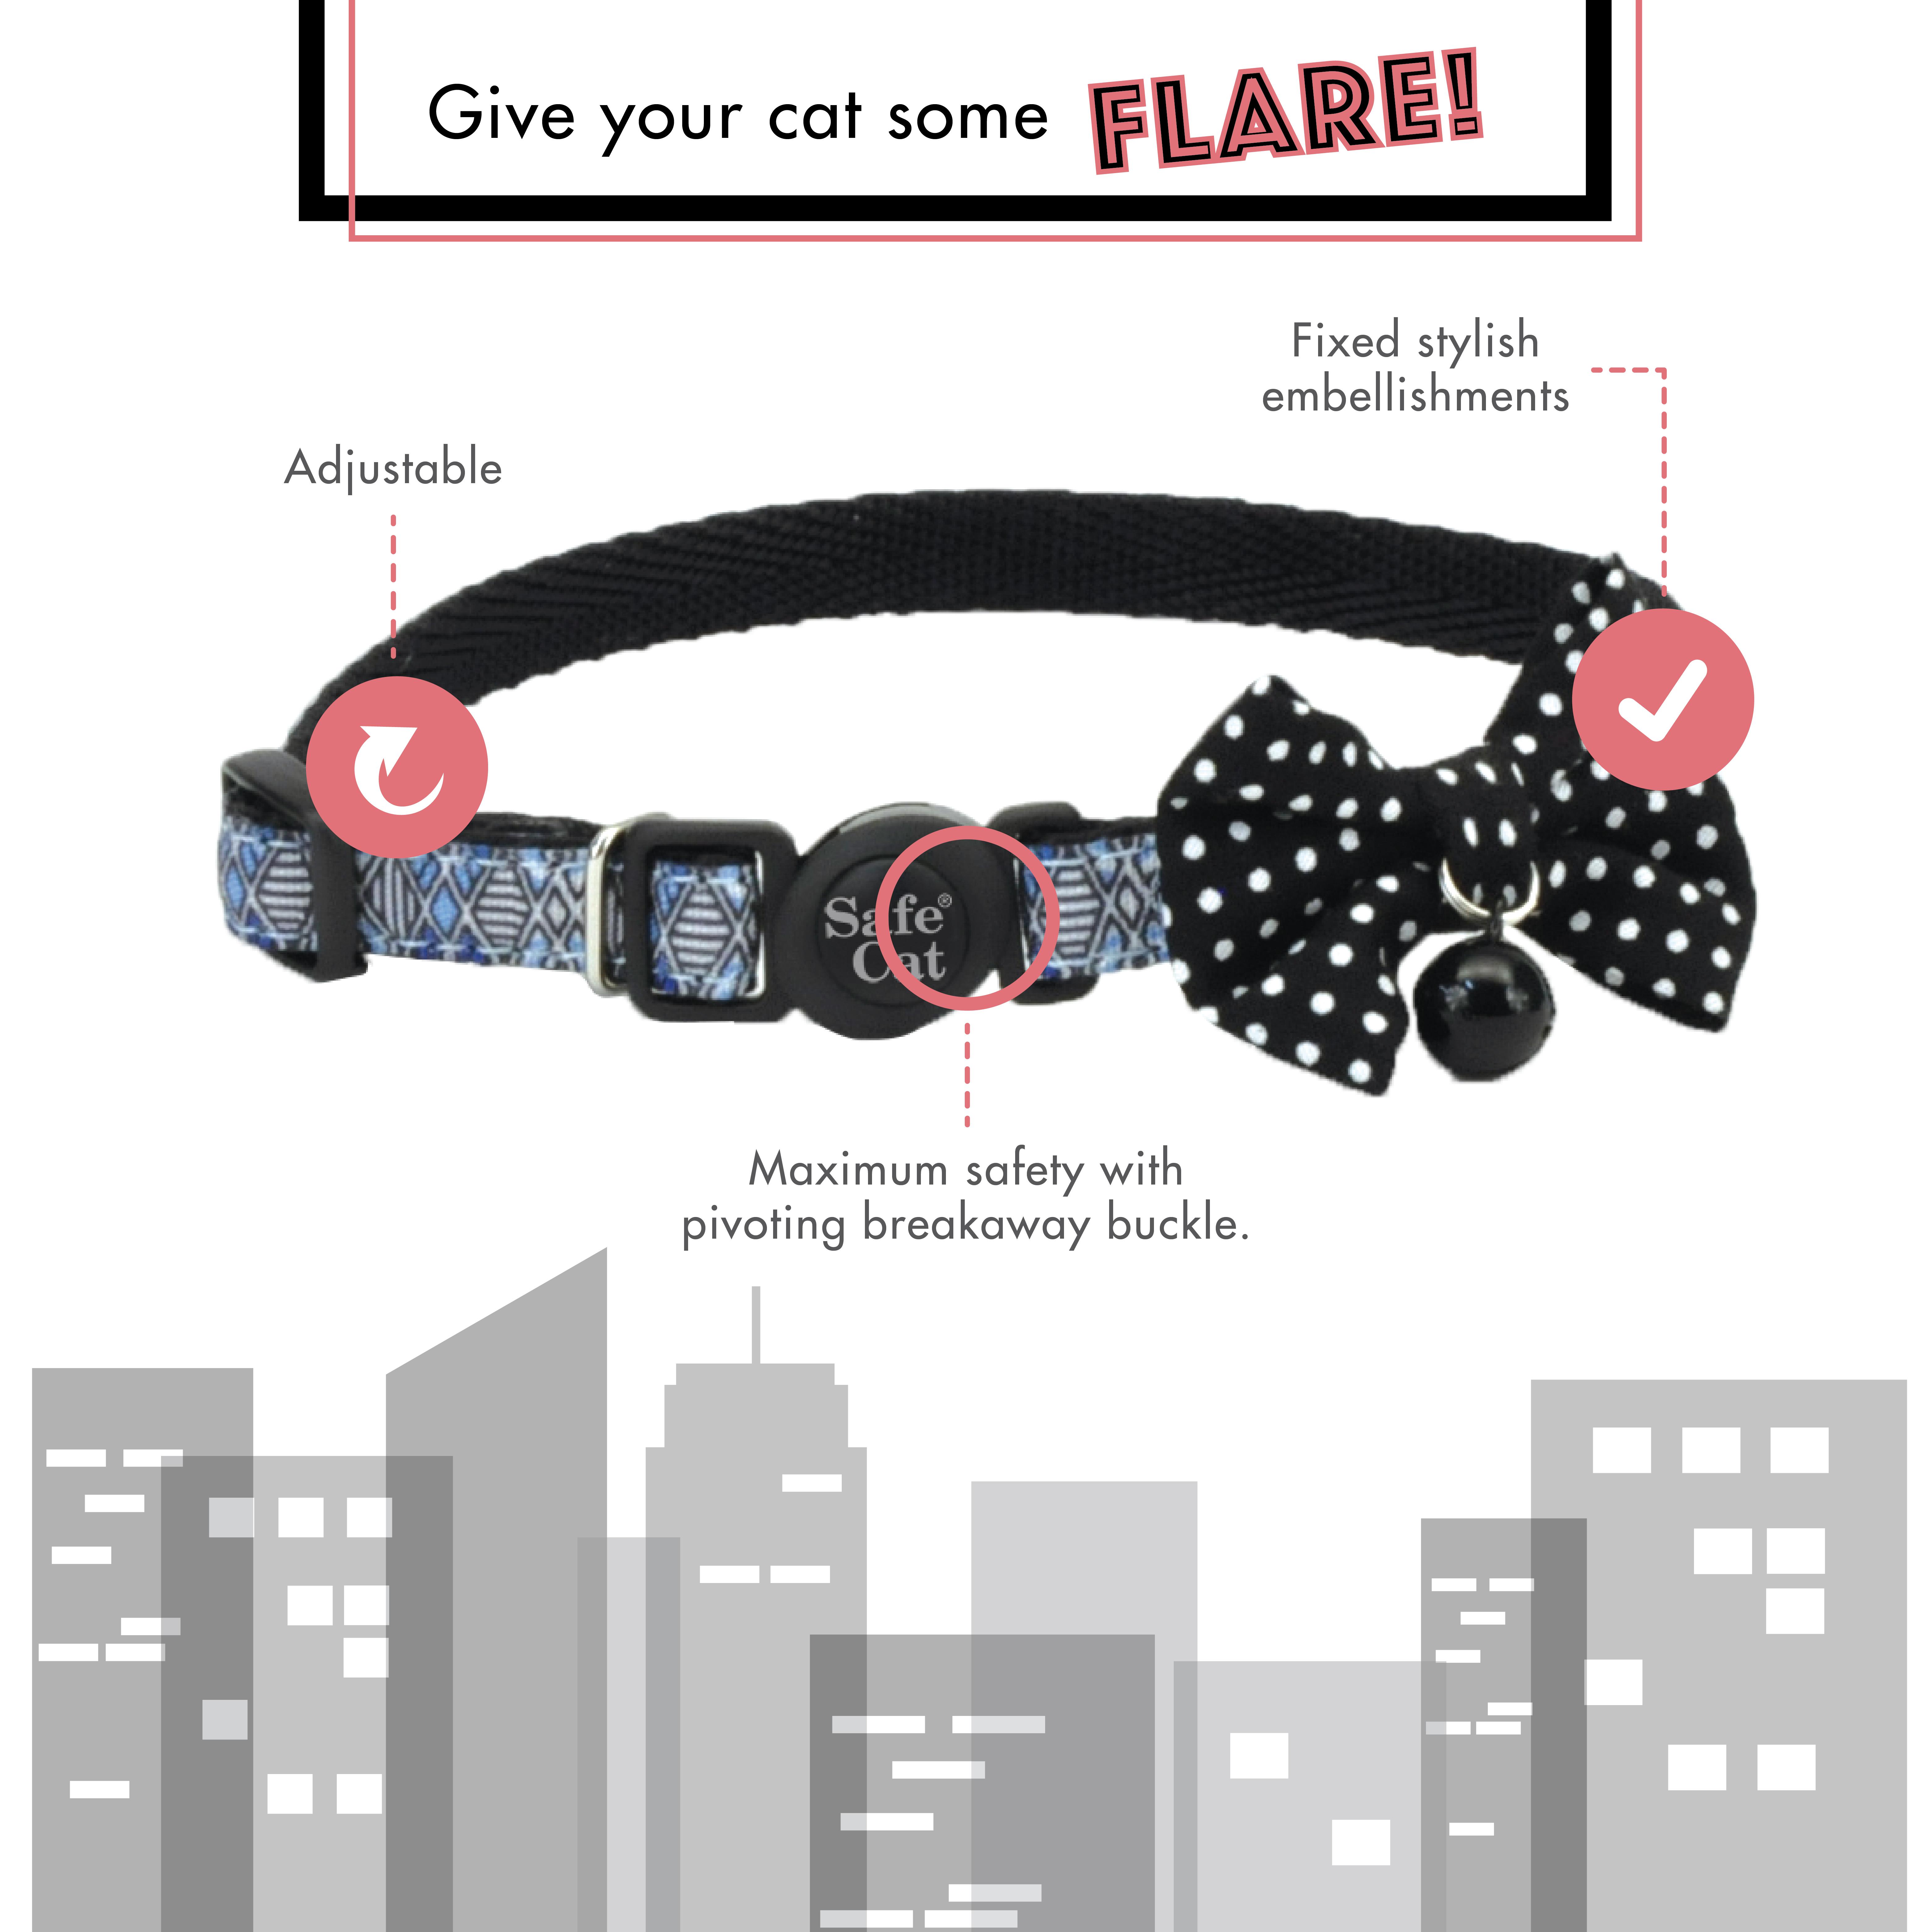 Safe Cat® Embellished Fashion Collar